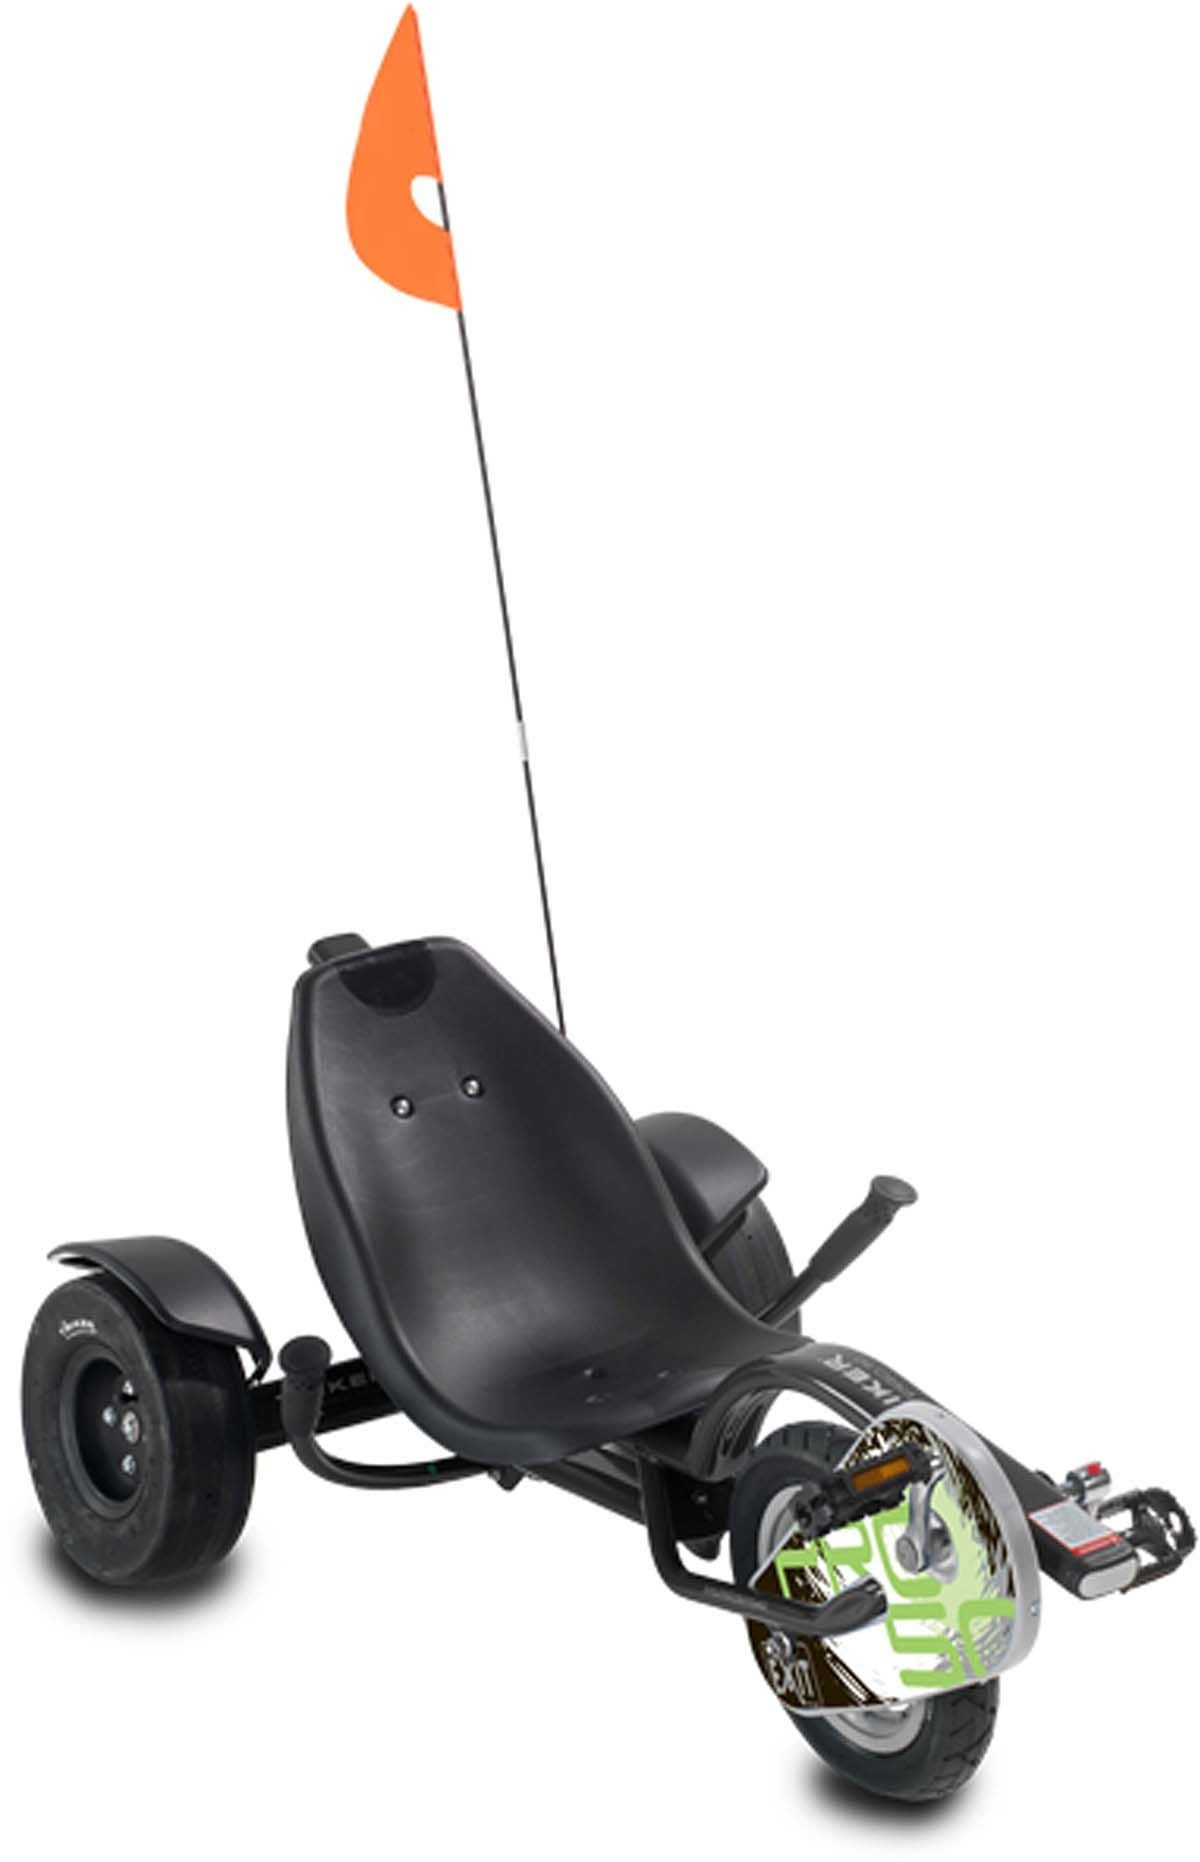 EXIT Trehjuling Triker Pro 50, Svart